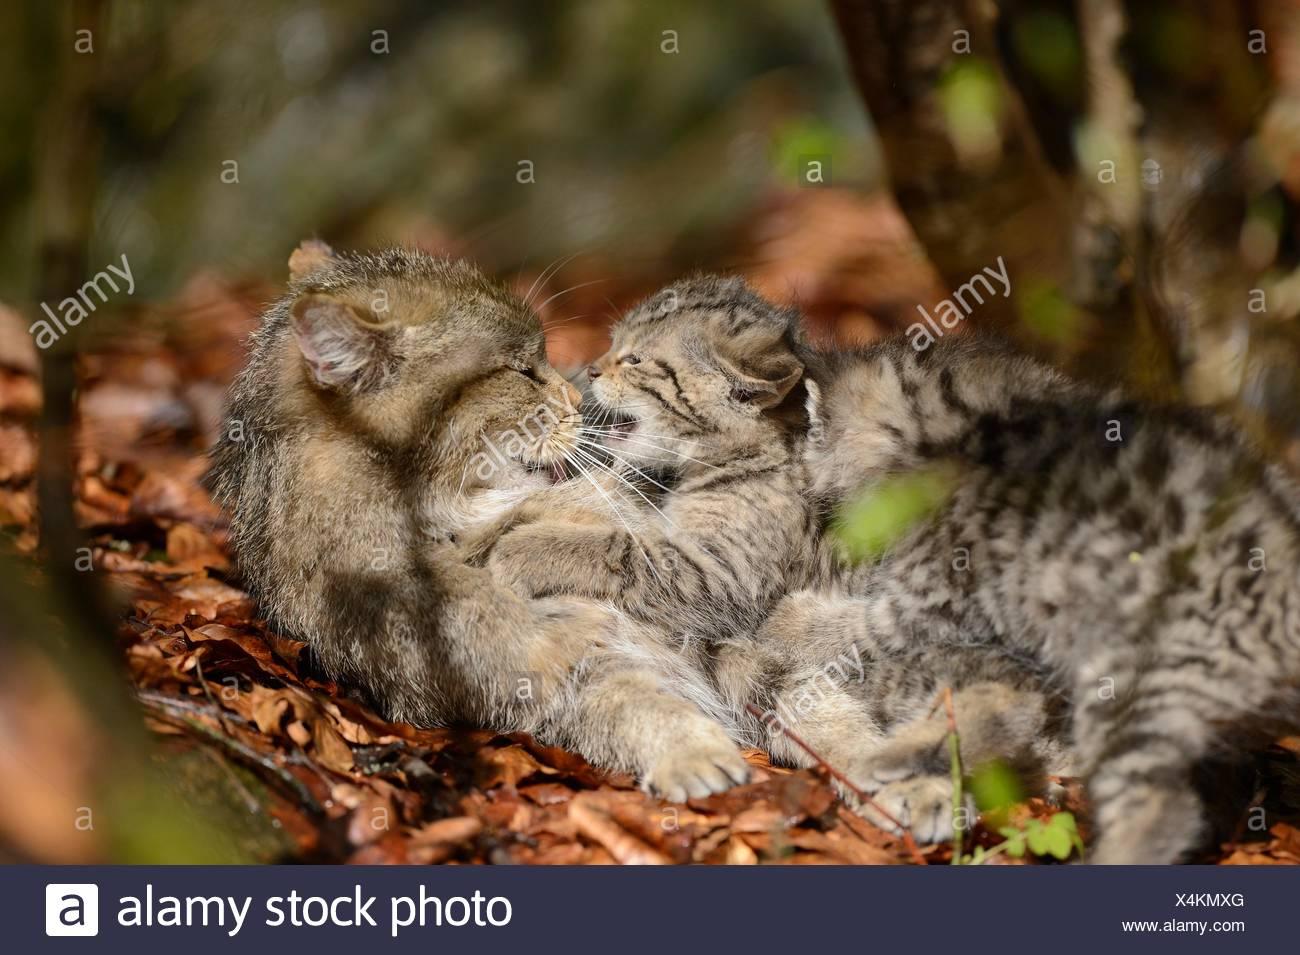 Due gatto selvatico europeo gattini nel Parco Nazionale della Foresta Bavarese, Germania Immagini Stock